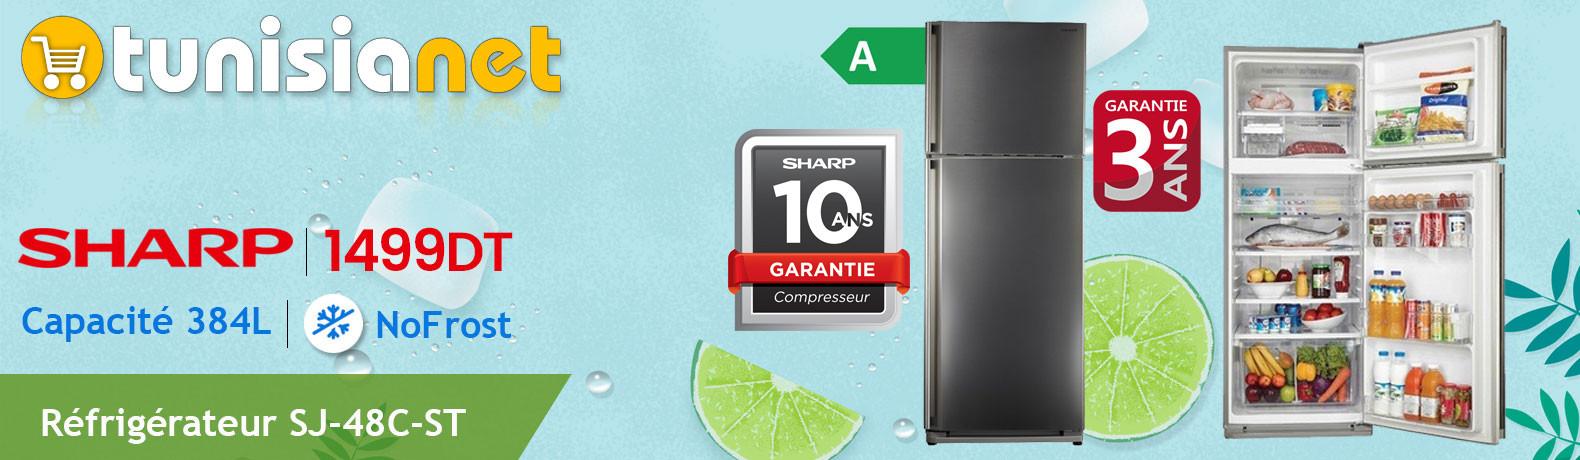 Réfrigérateur 2 Portes Sharp No Frost